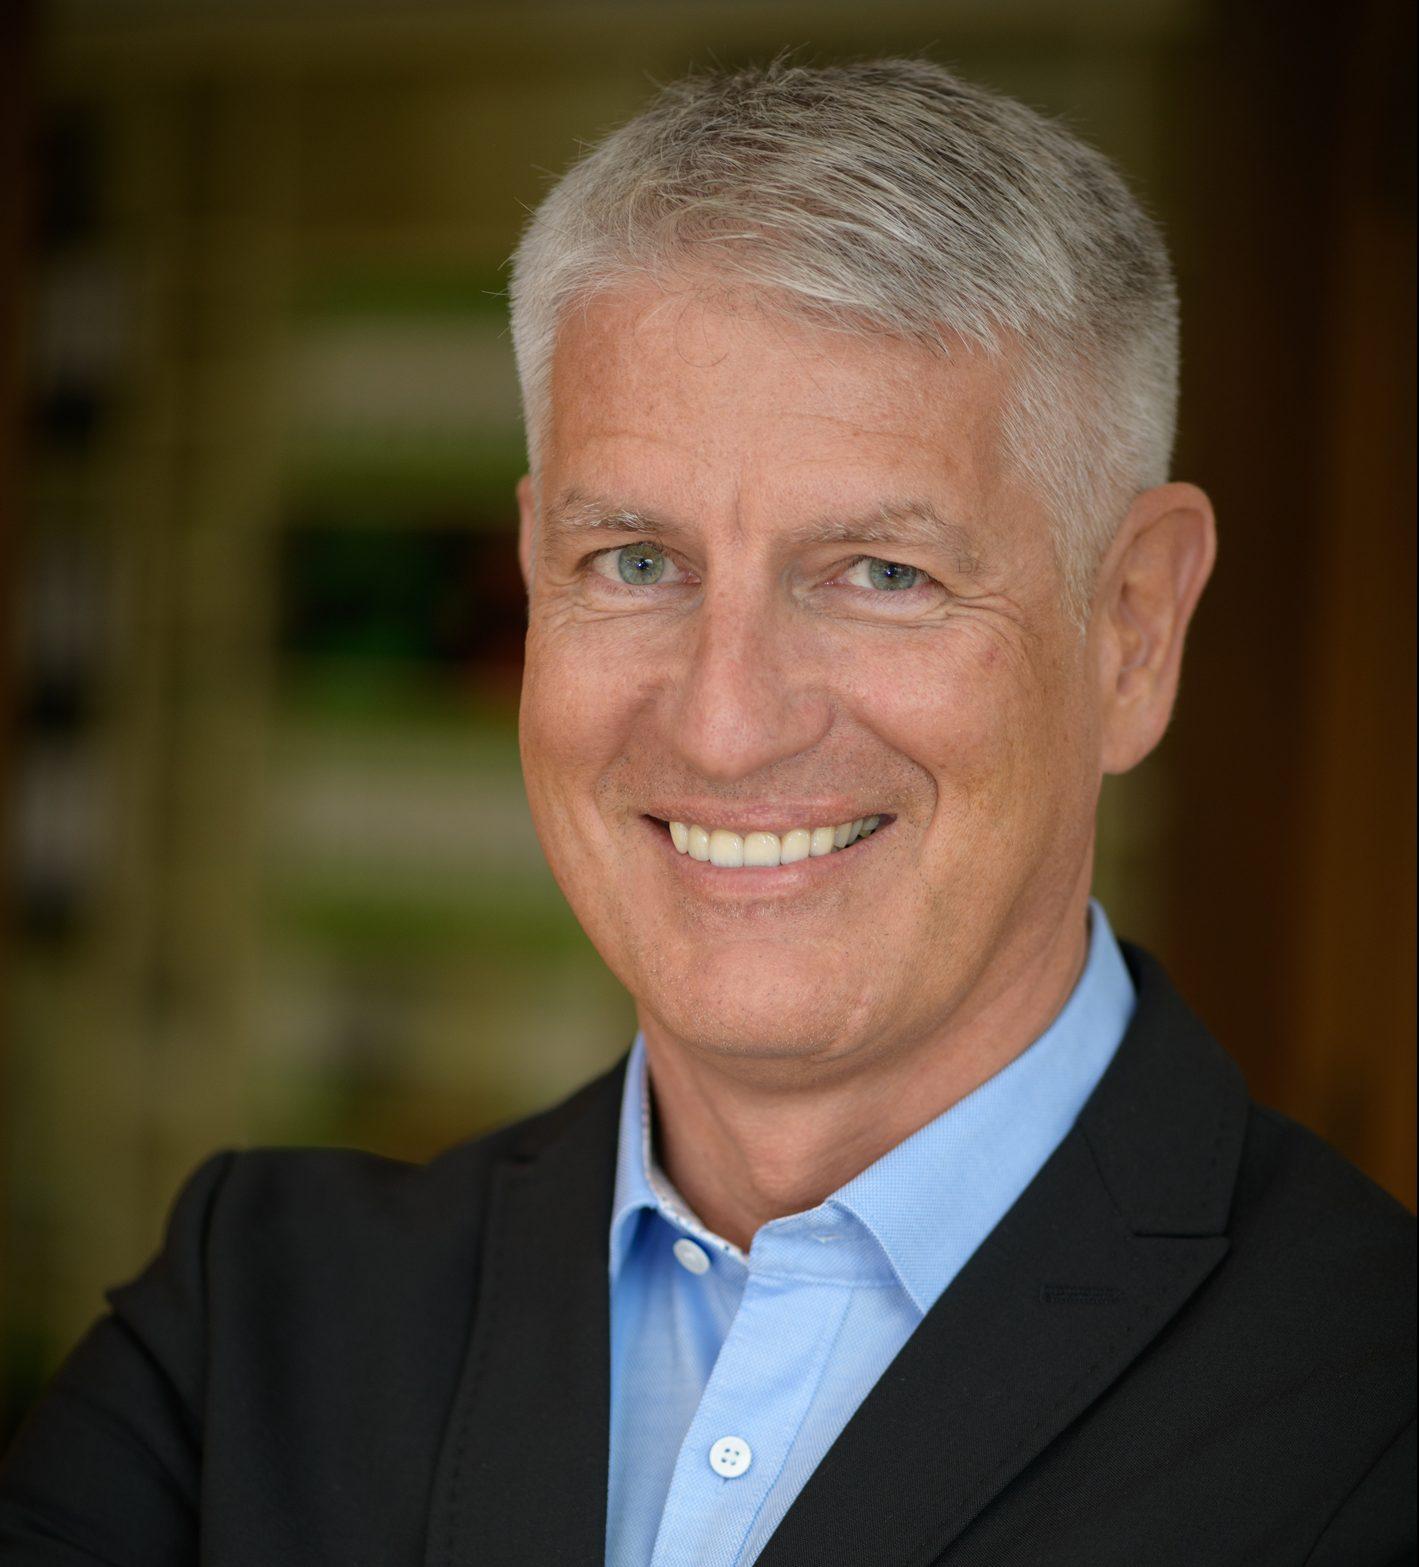 Dr. Georg Kraus ist Inhaber der Unternehmensberatung Dr. Kraus & Partner